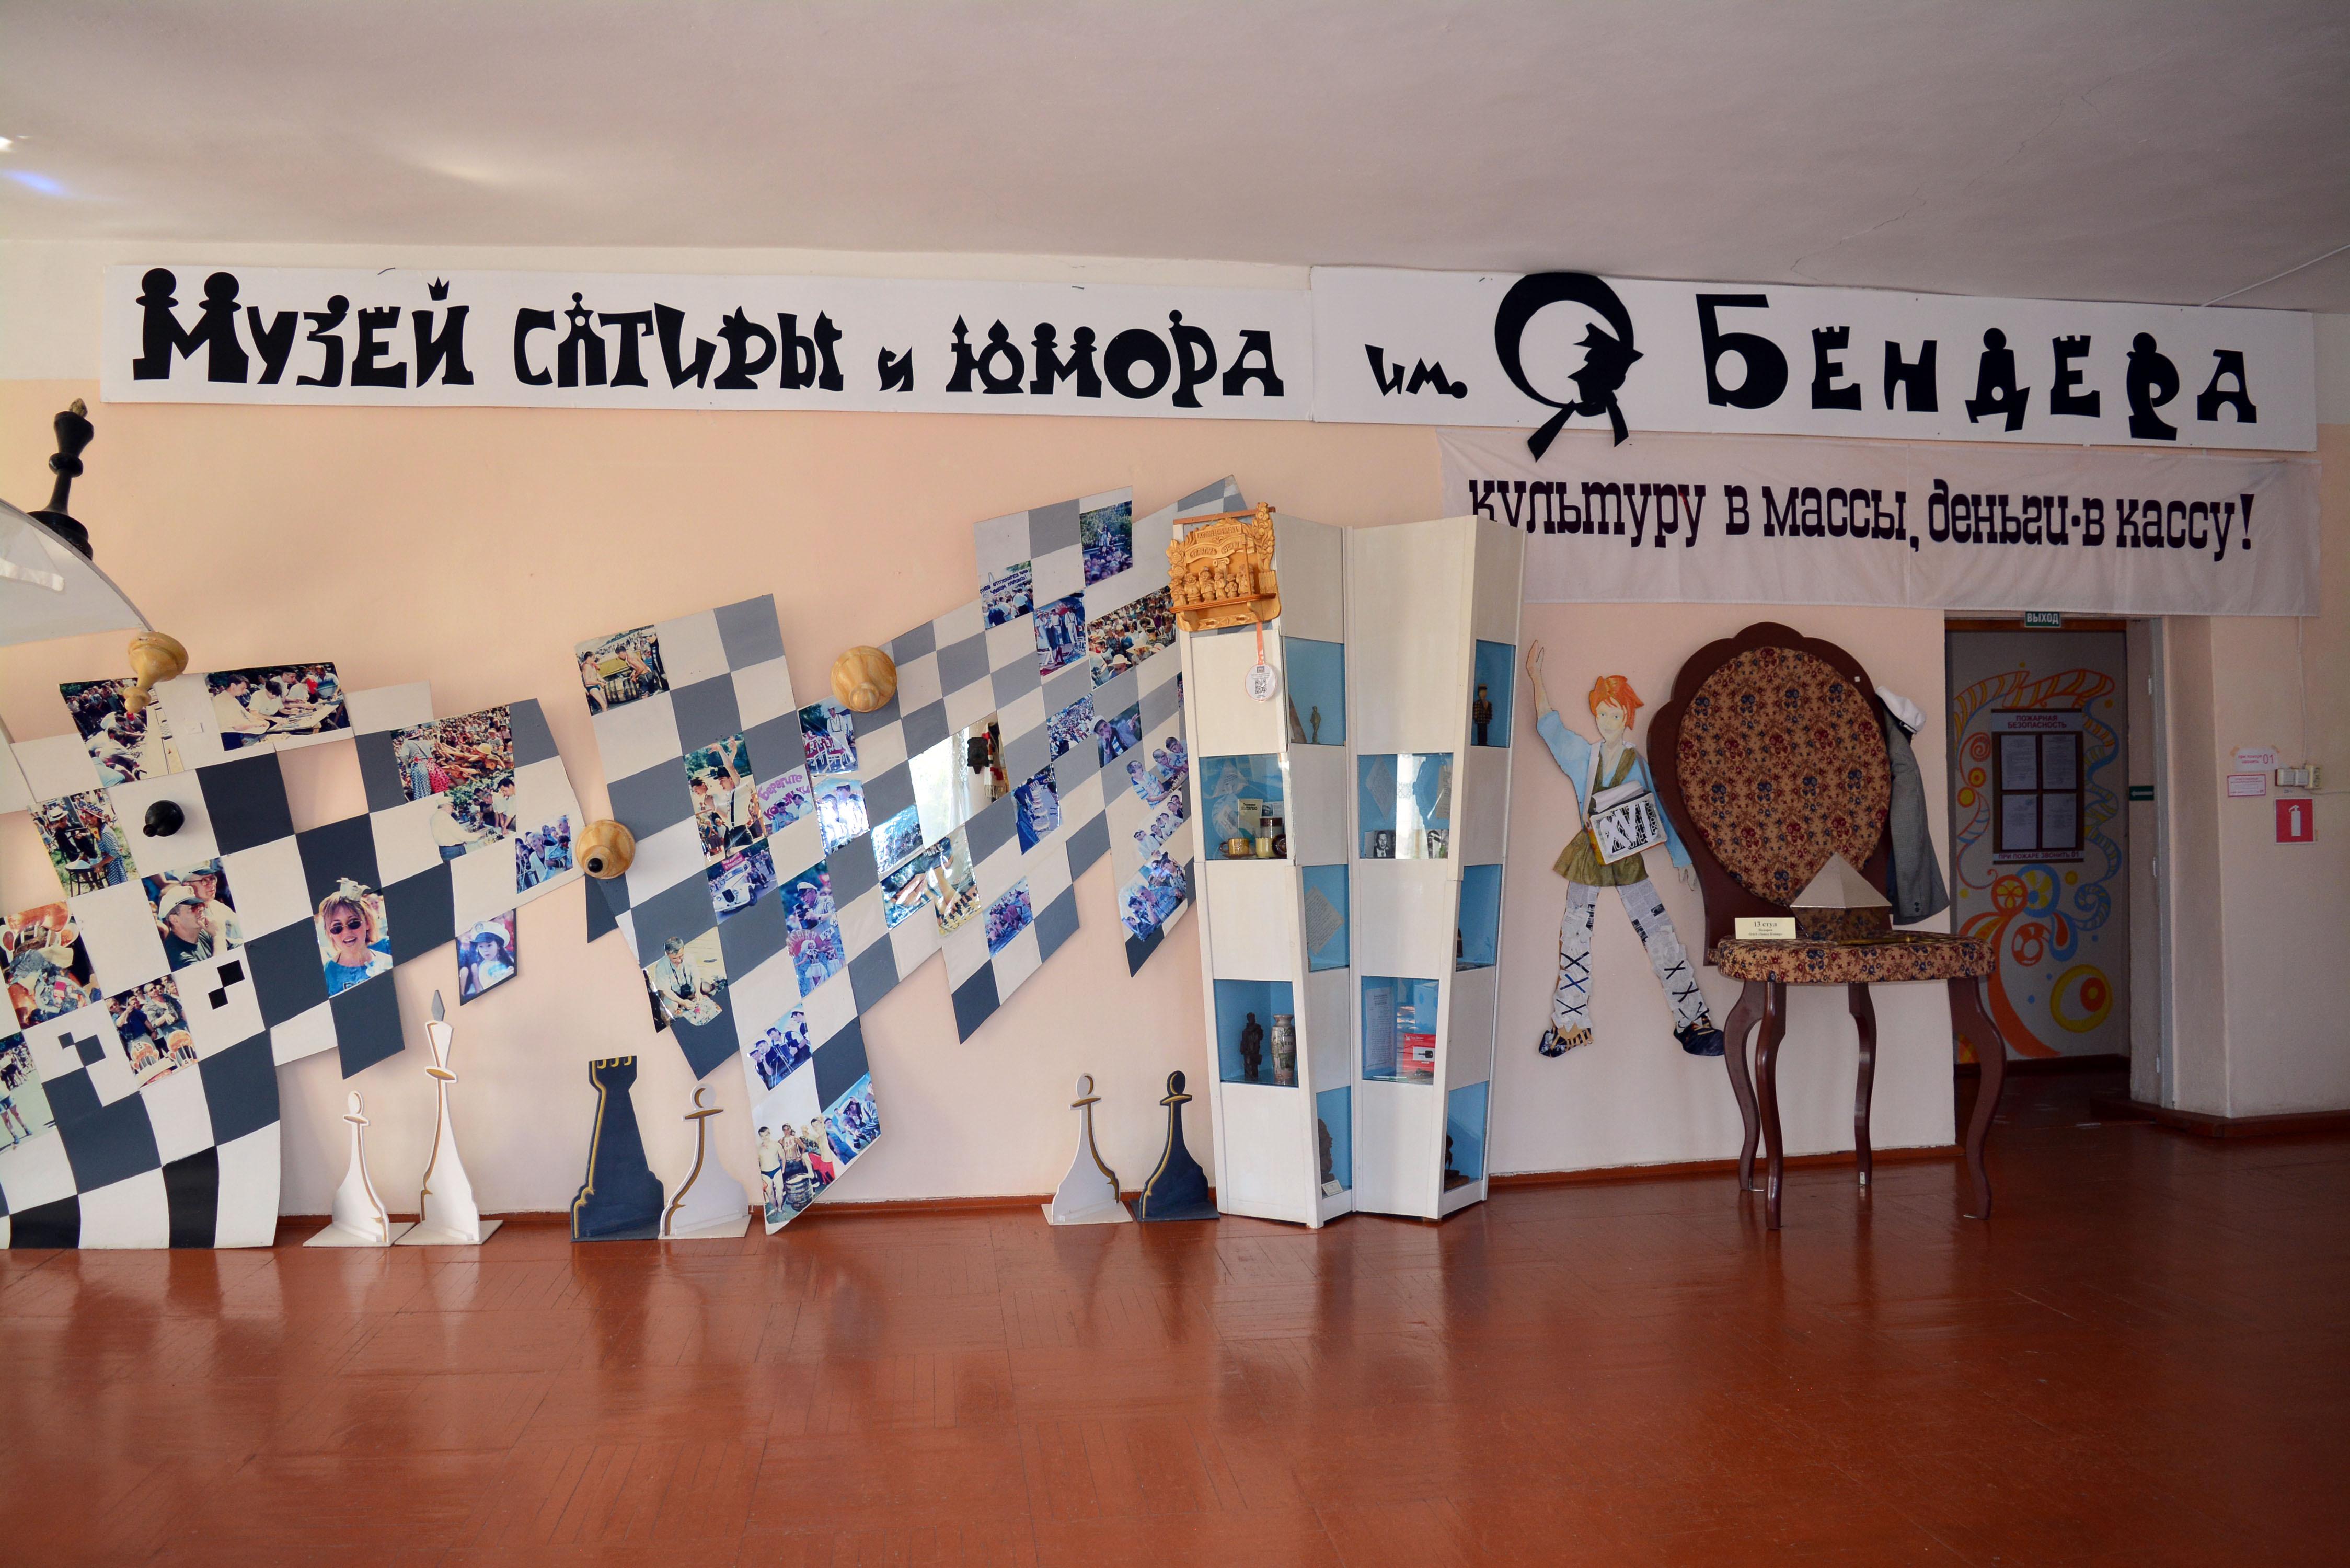 Козьмодемьянск-Васюки — пуп земли!. 407787.jpeg